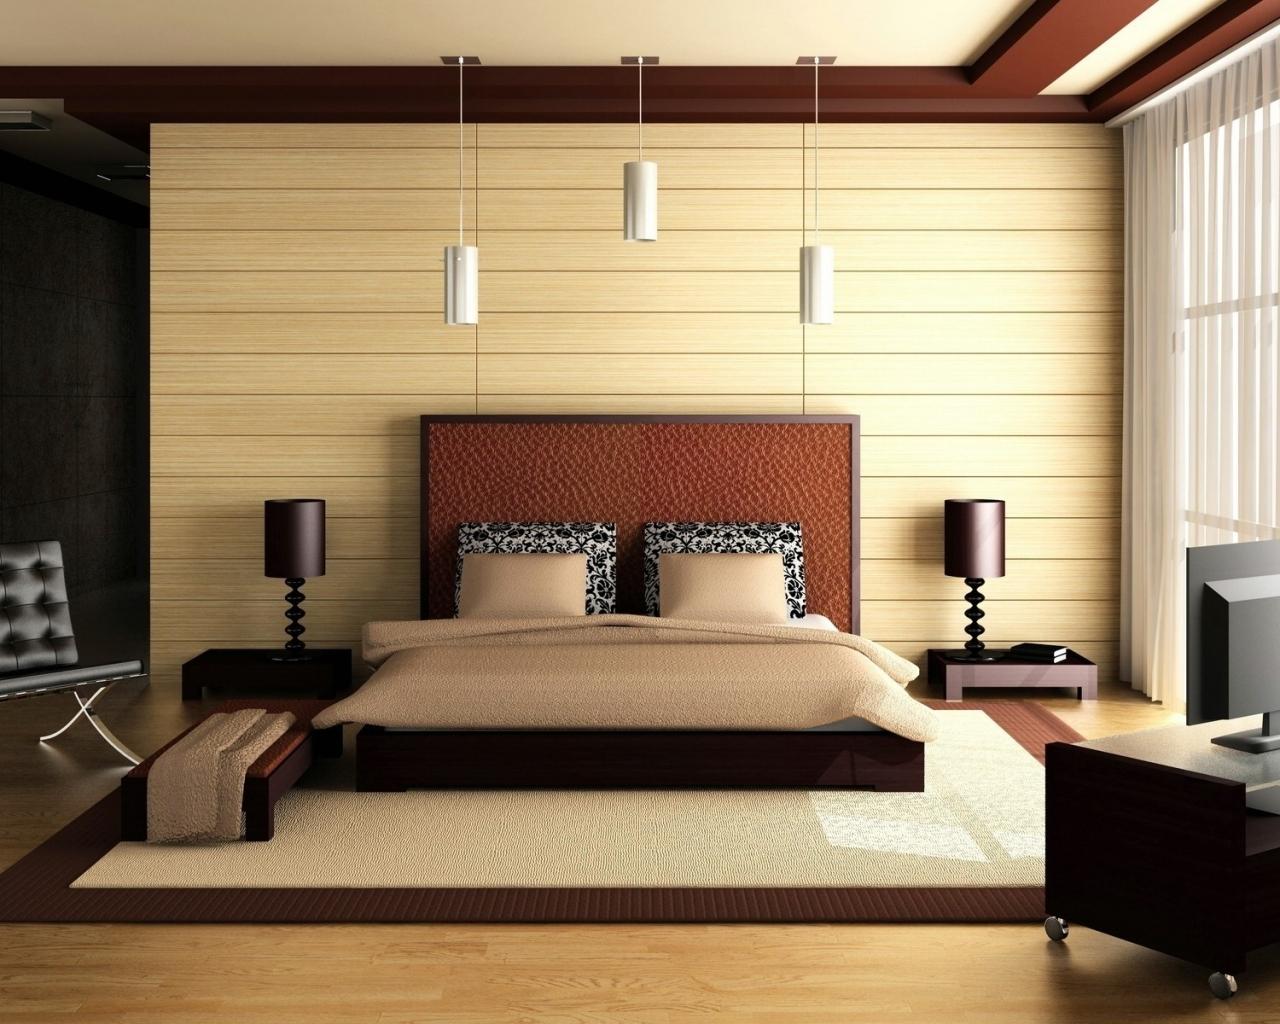 Habitación matrimonial 3D - 1280x1024